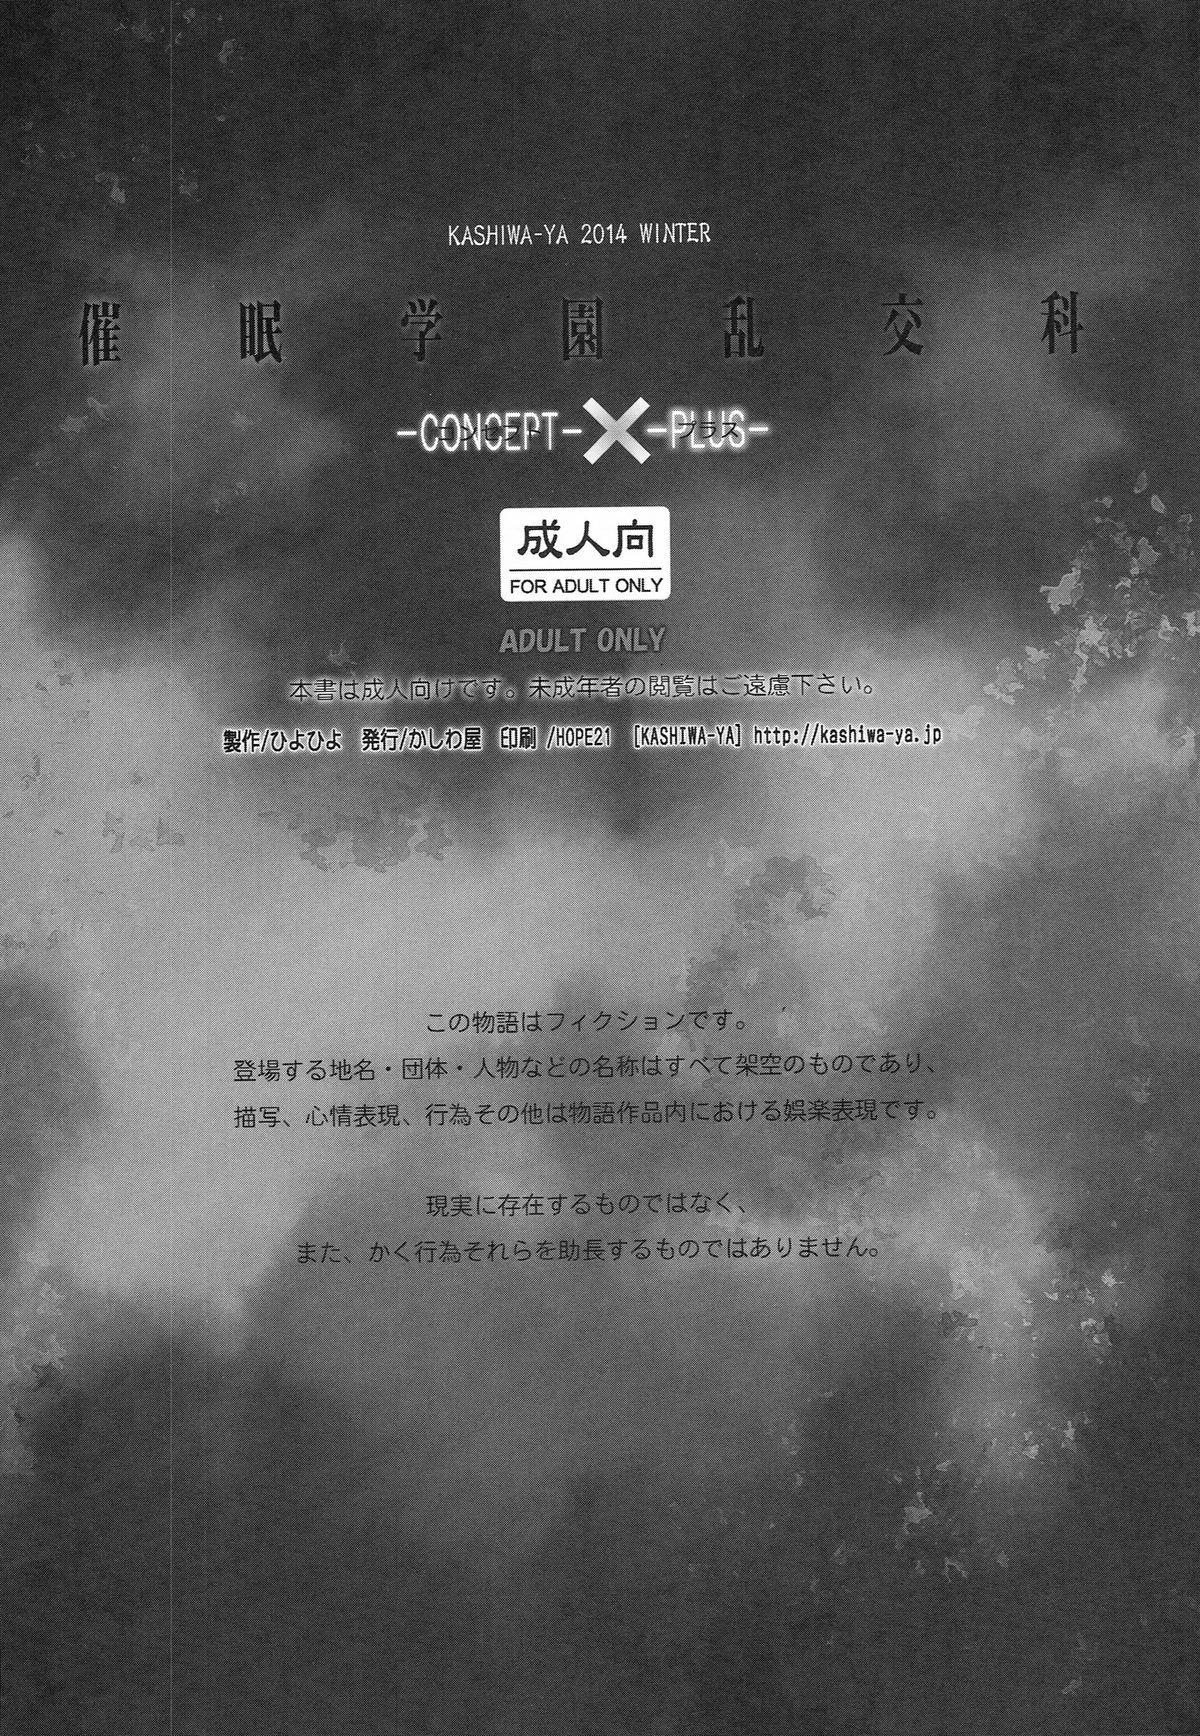 (CT25) [Kashiwa-ya (Hiyo Hiyo)] Saimin Gakuen Rankou-Ka -CONCEPT-×-PLUS- 1